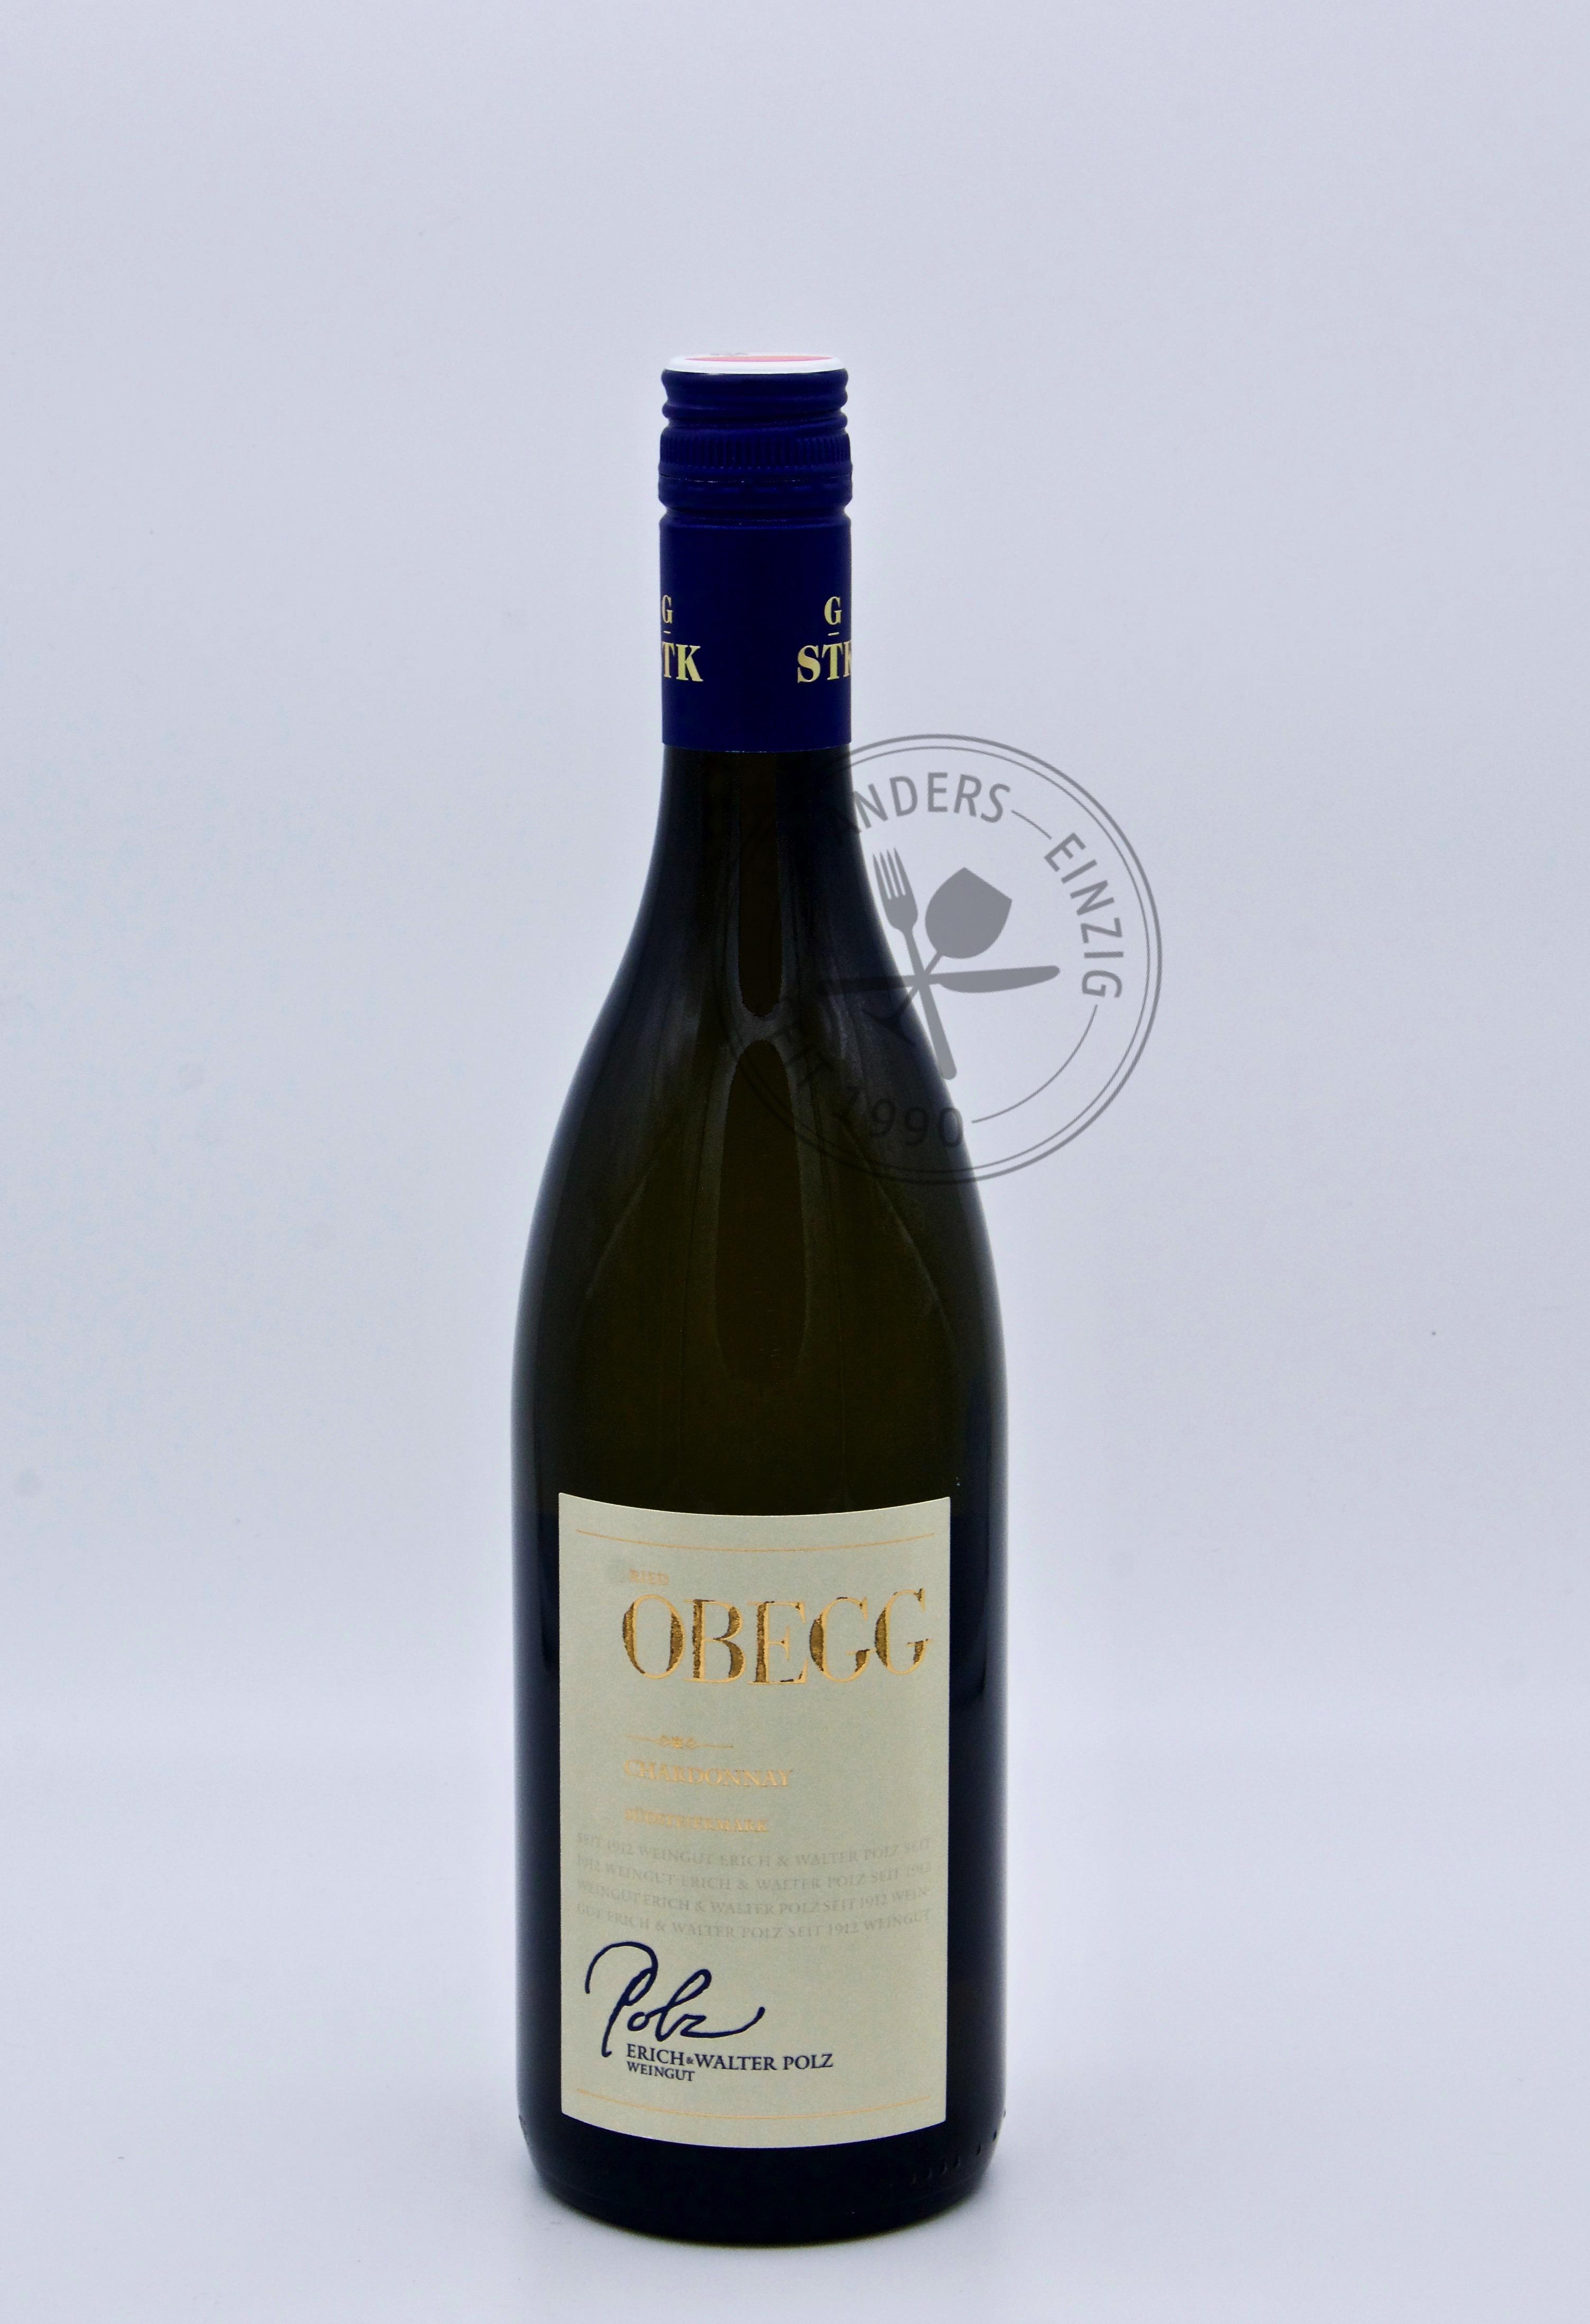 Chardonnay Obegg 2017